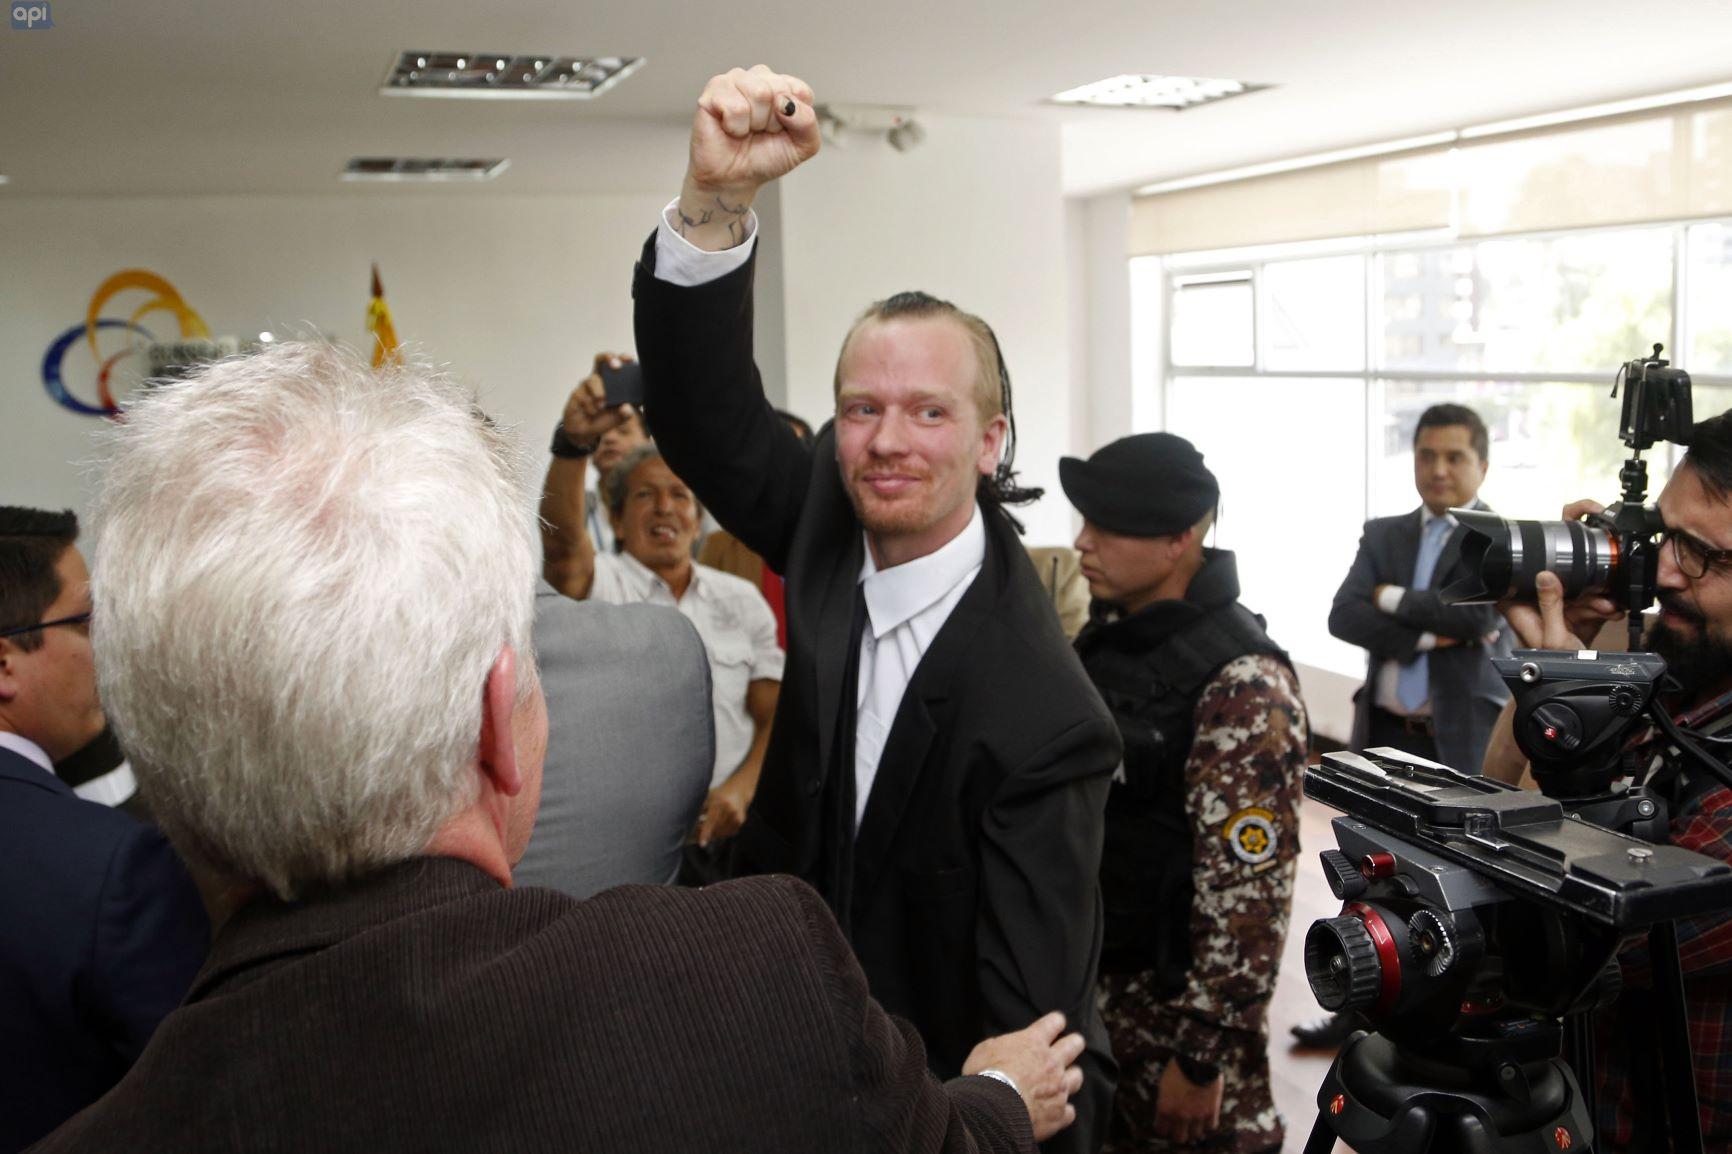 Ola Bini, el amigo de Julian Assange detenido en Ecuador que denuncia «fraude procesal» en su contra